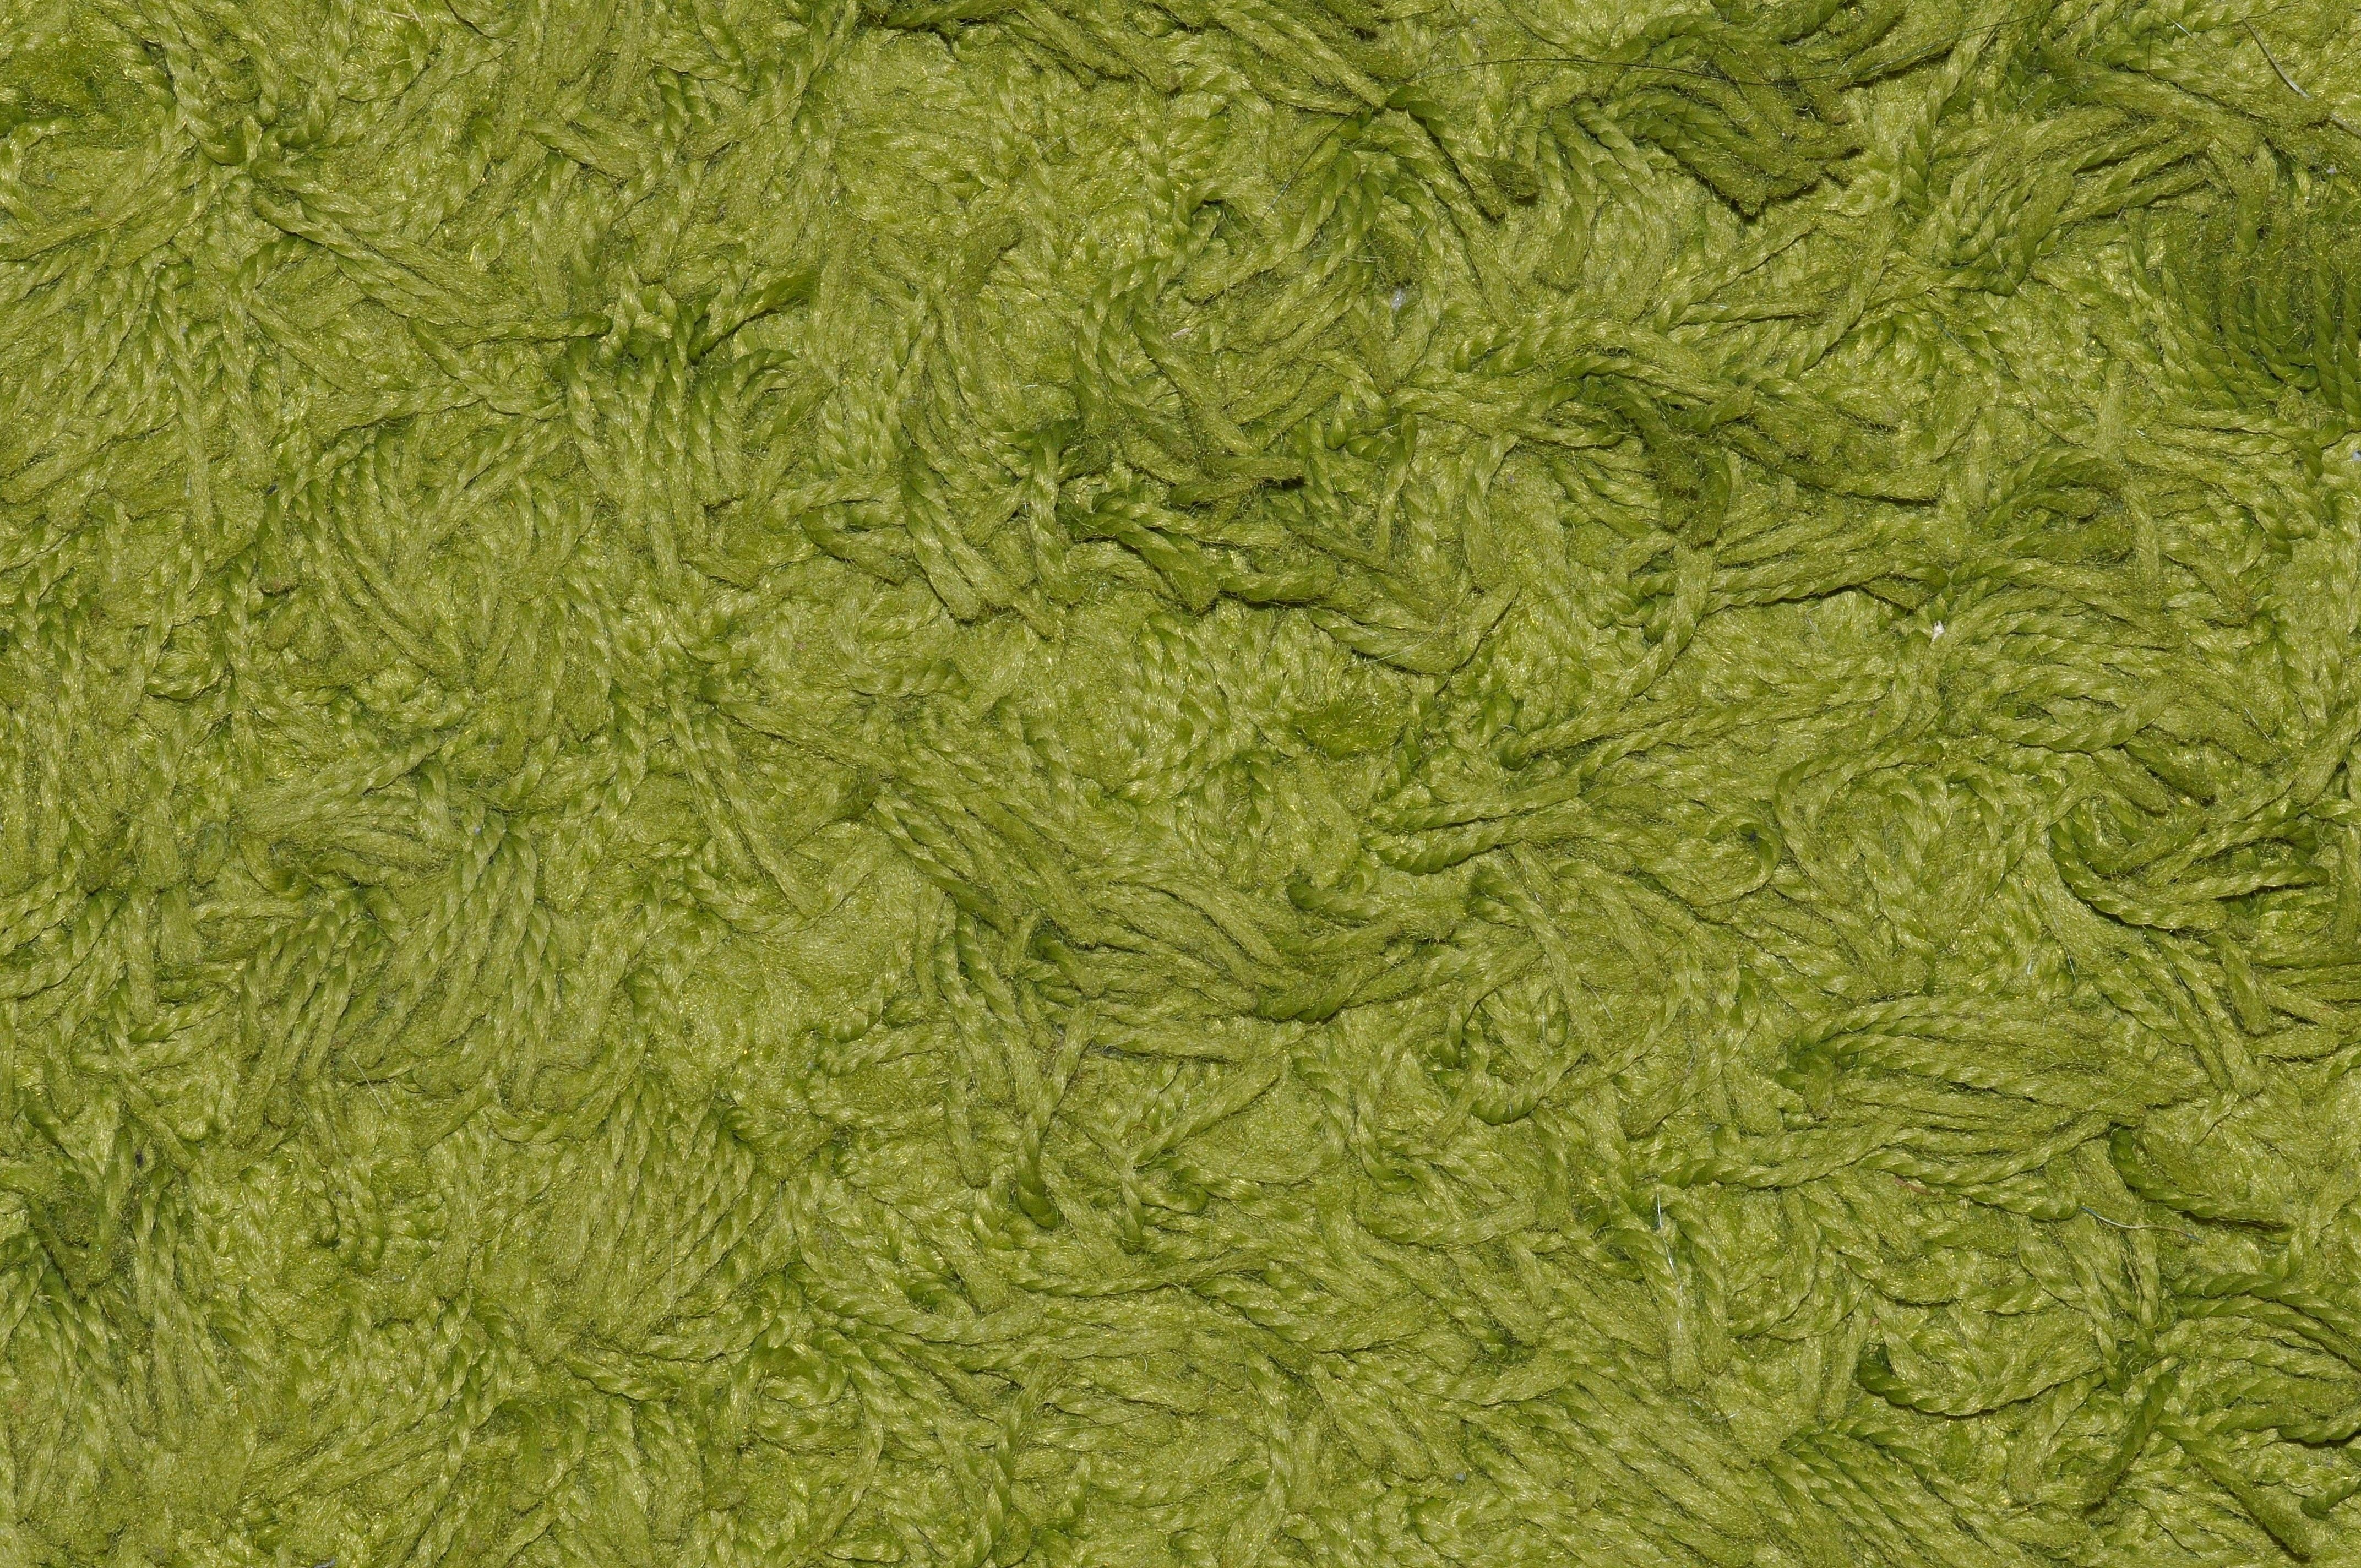 kostenlose foto gras pflanze rasen textur blatt blume muster gr n landwirtschaft. Black Bedroom Furniture Sets. Home Design Ideas